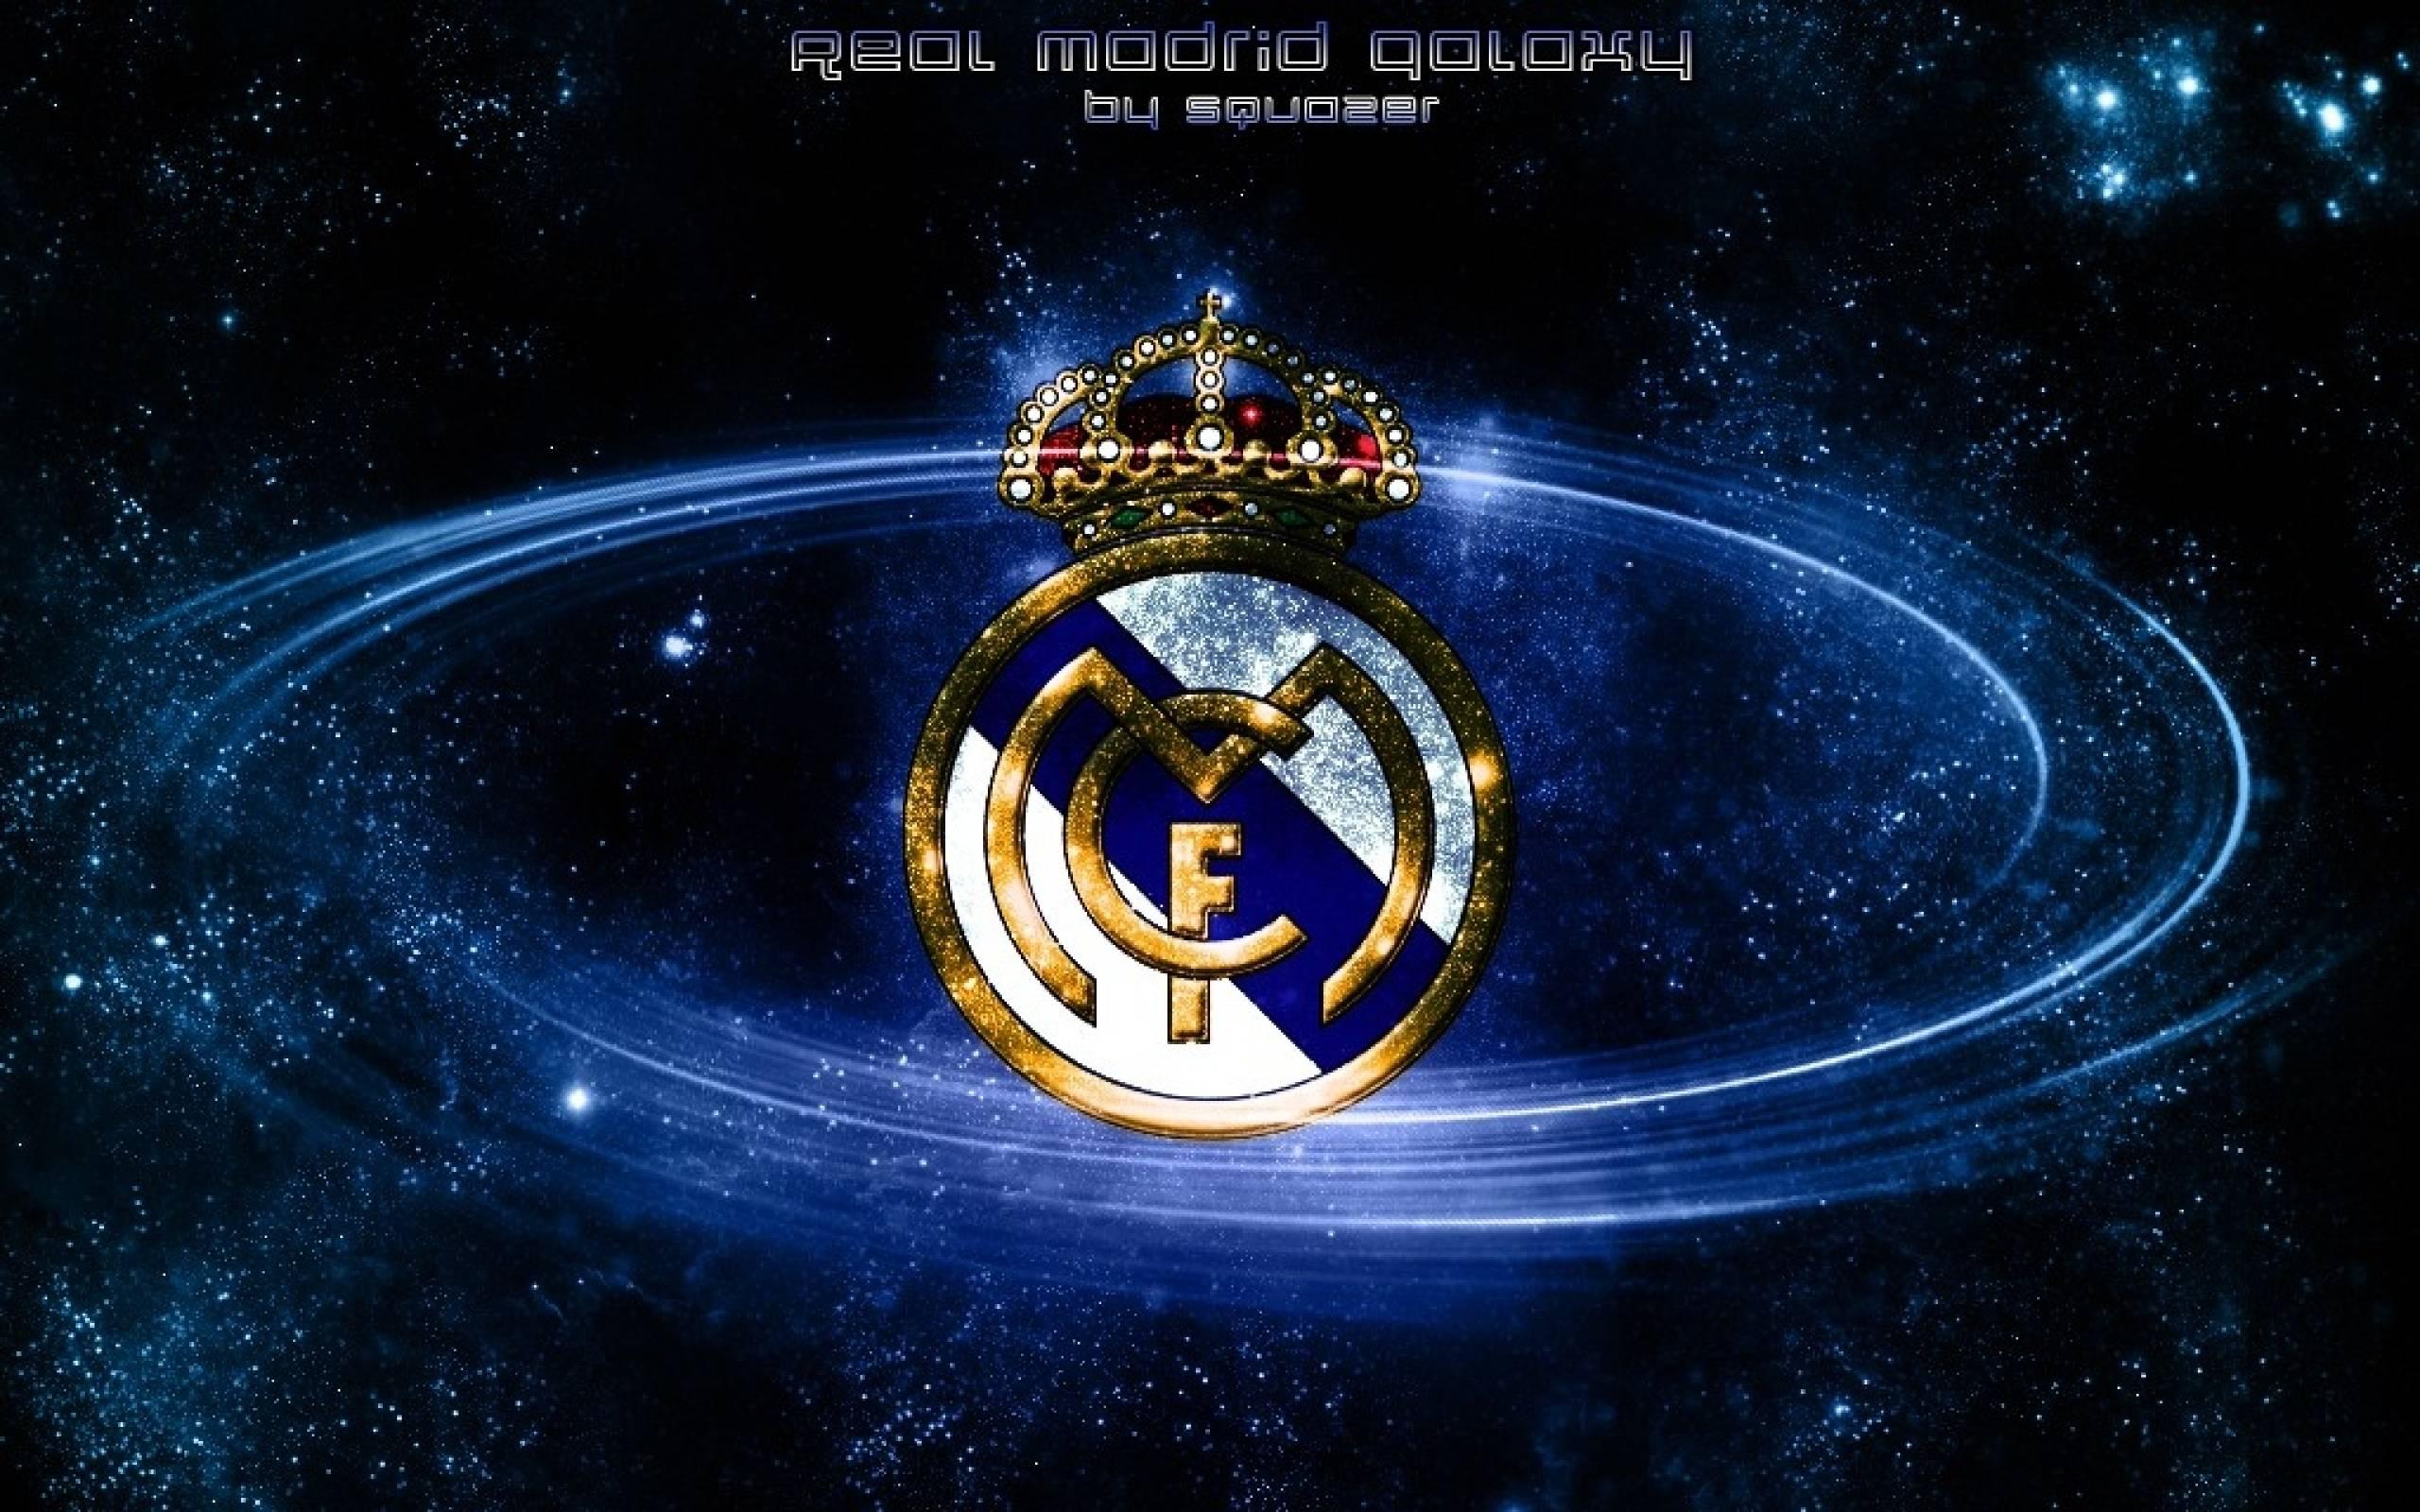 خلفيات ريال مدريد اجمل صور شعار ريال مدريد هل تعلم